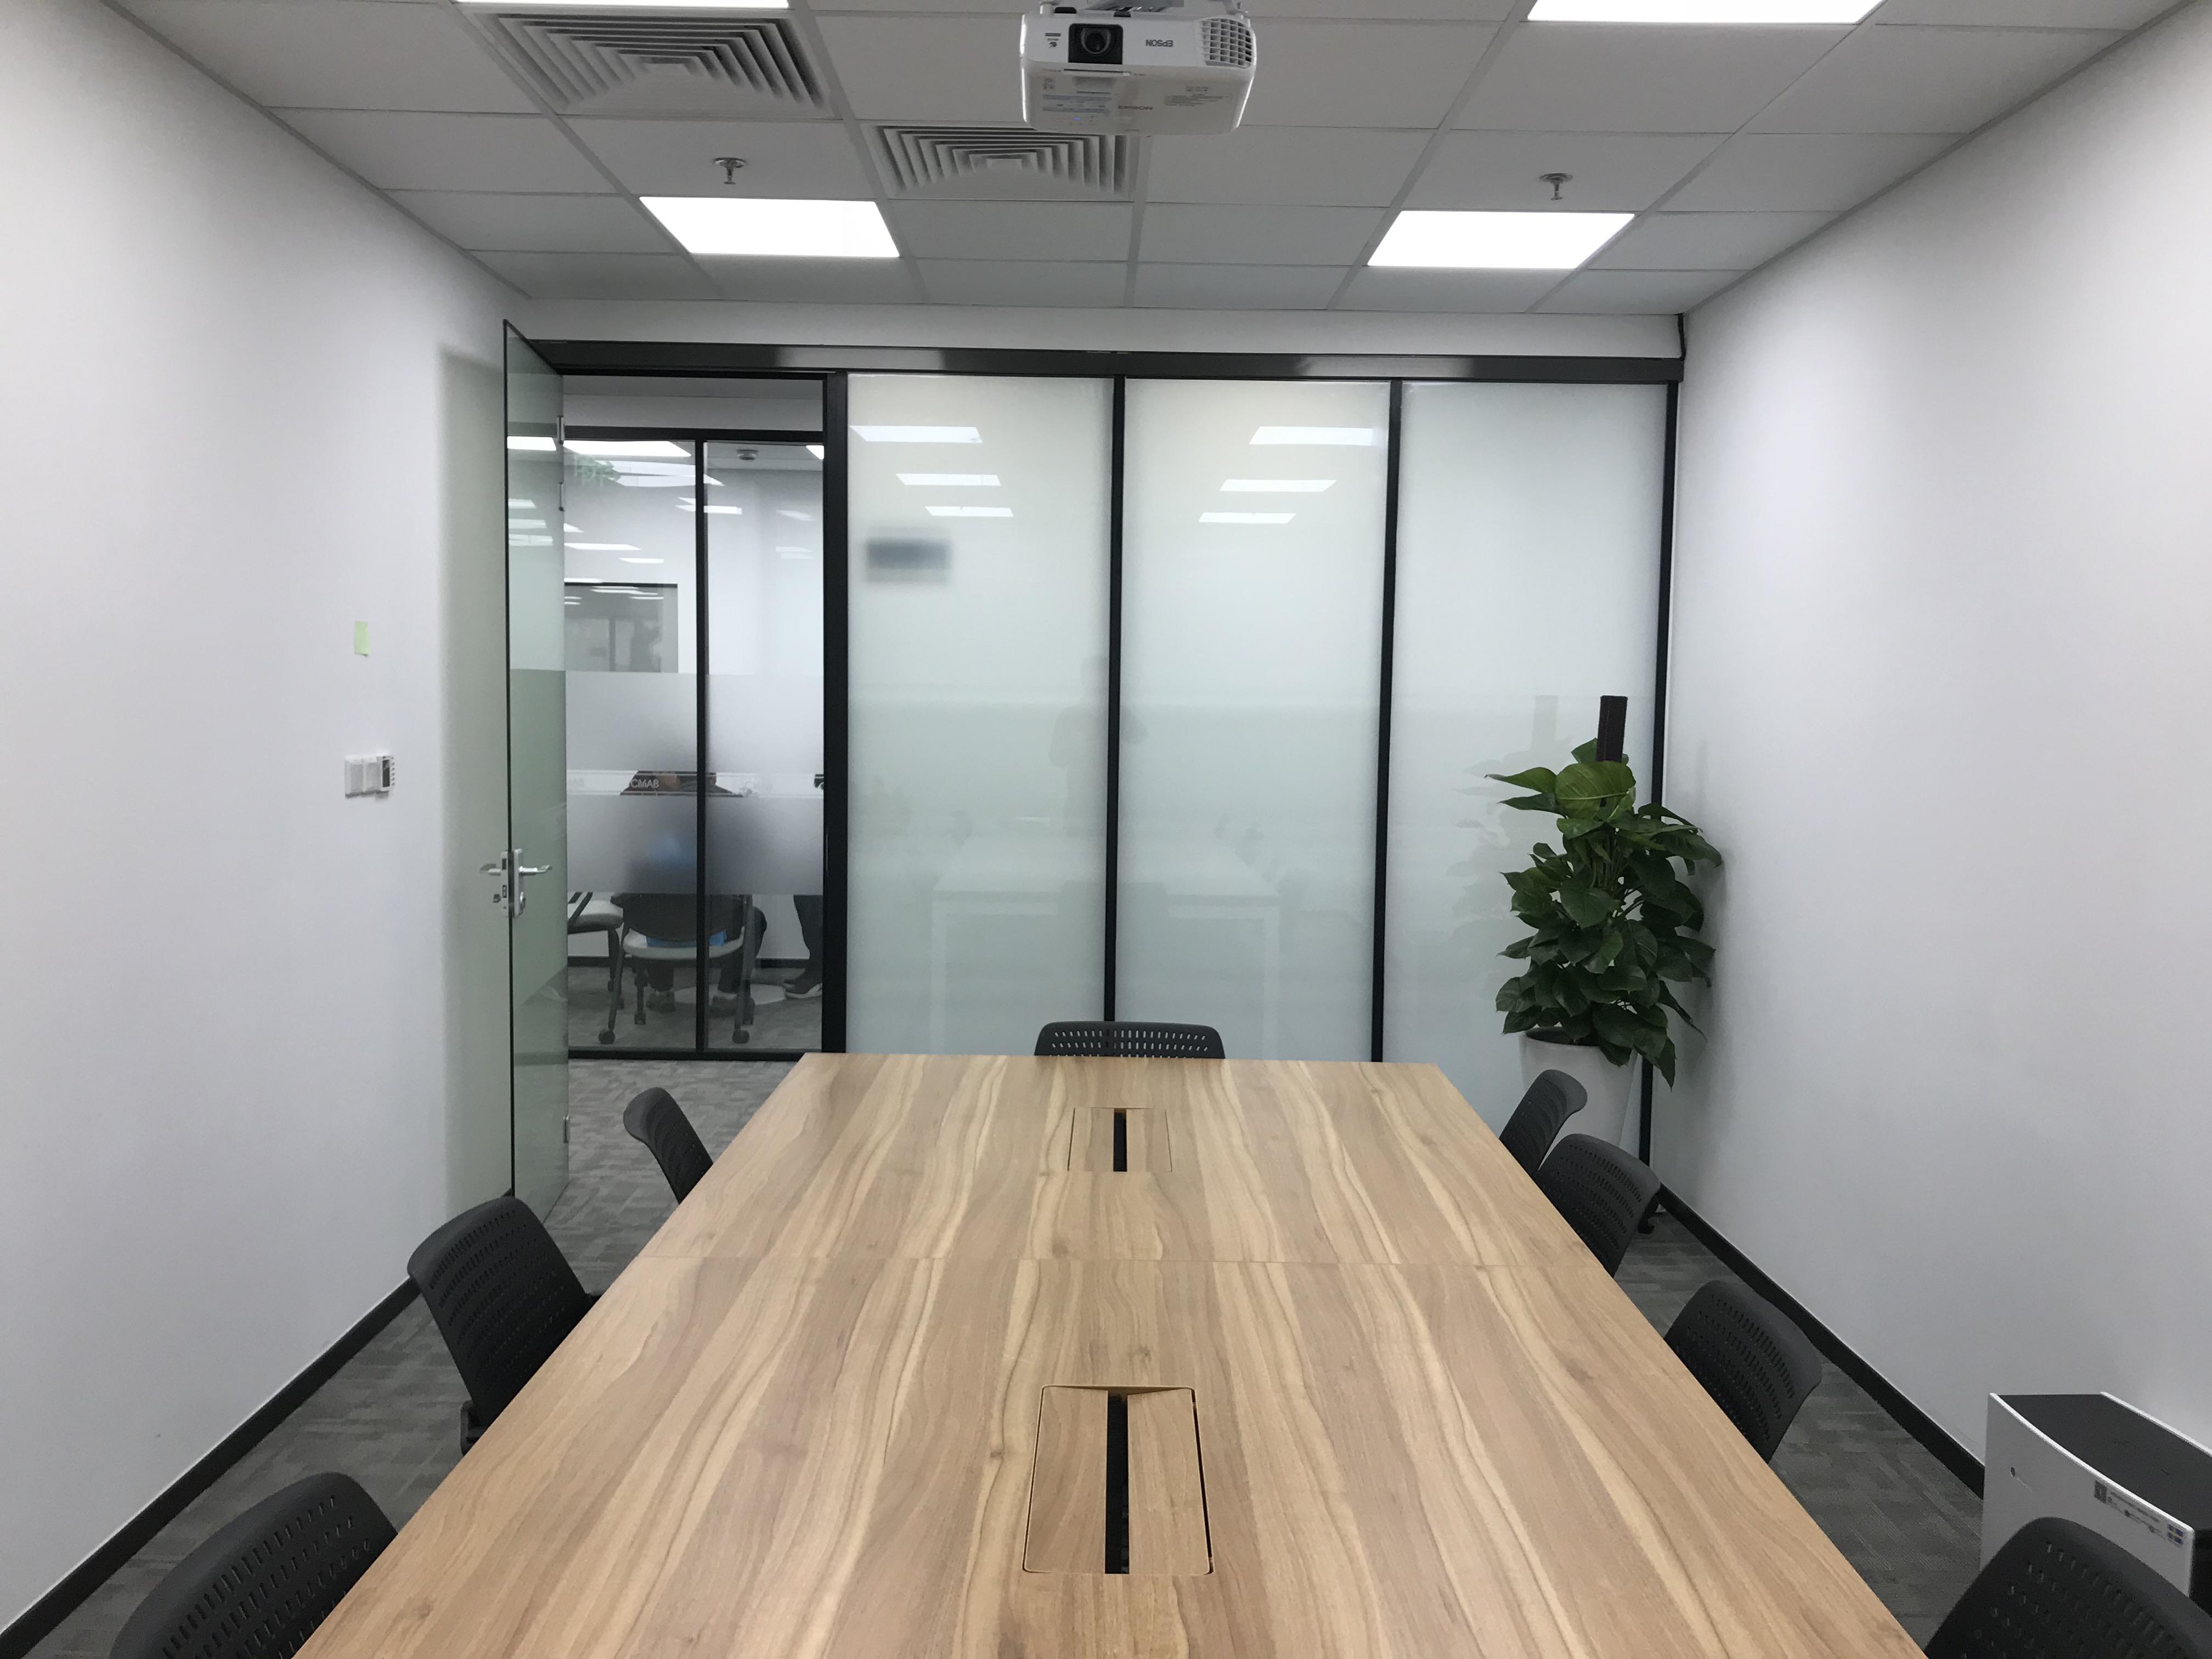 苏州调光玻璃哪家比较好?苏州恩森节能科技有限公司提供高品质调光玻璃